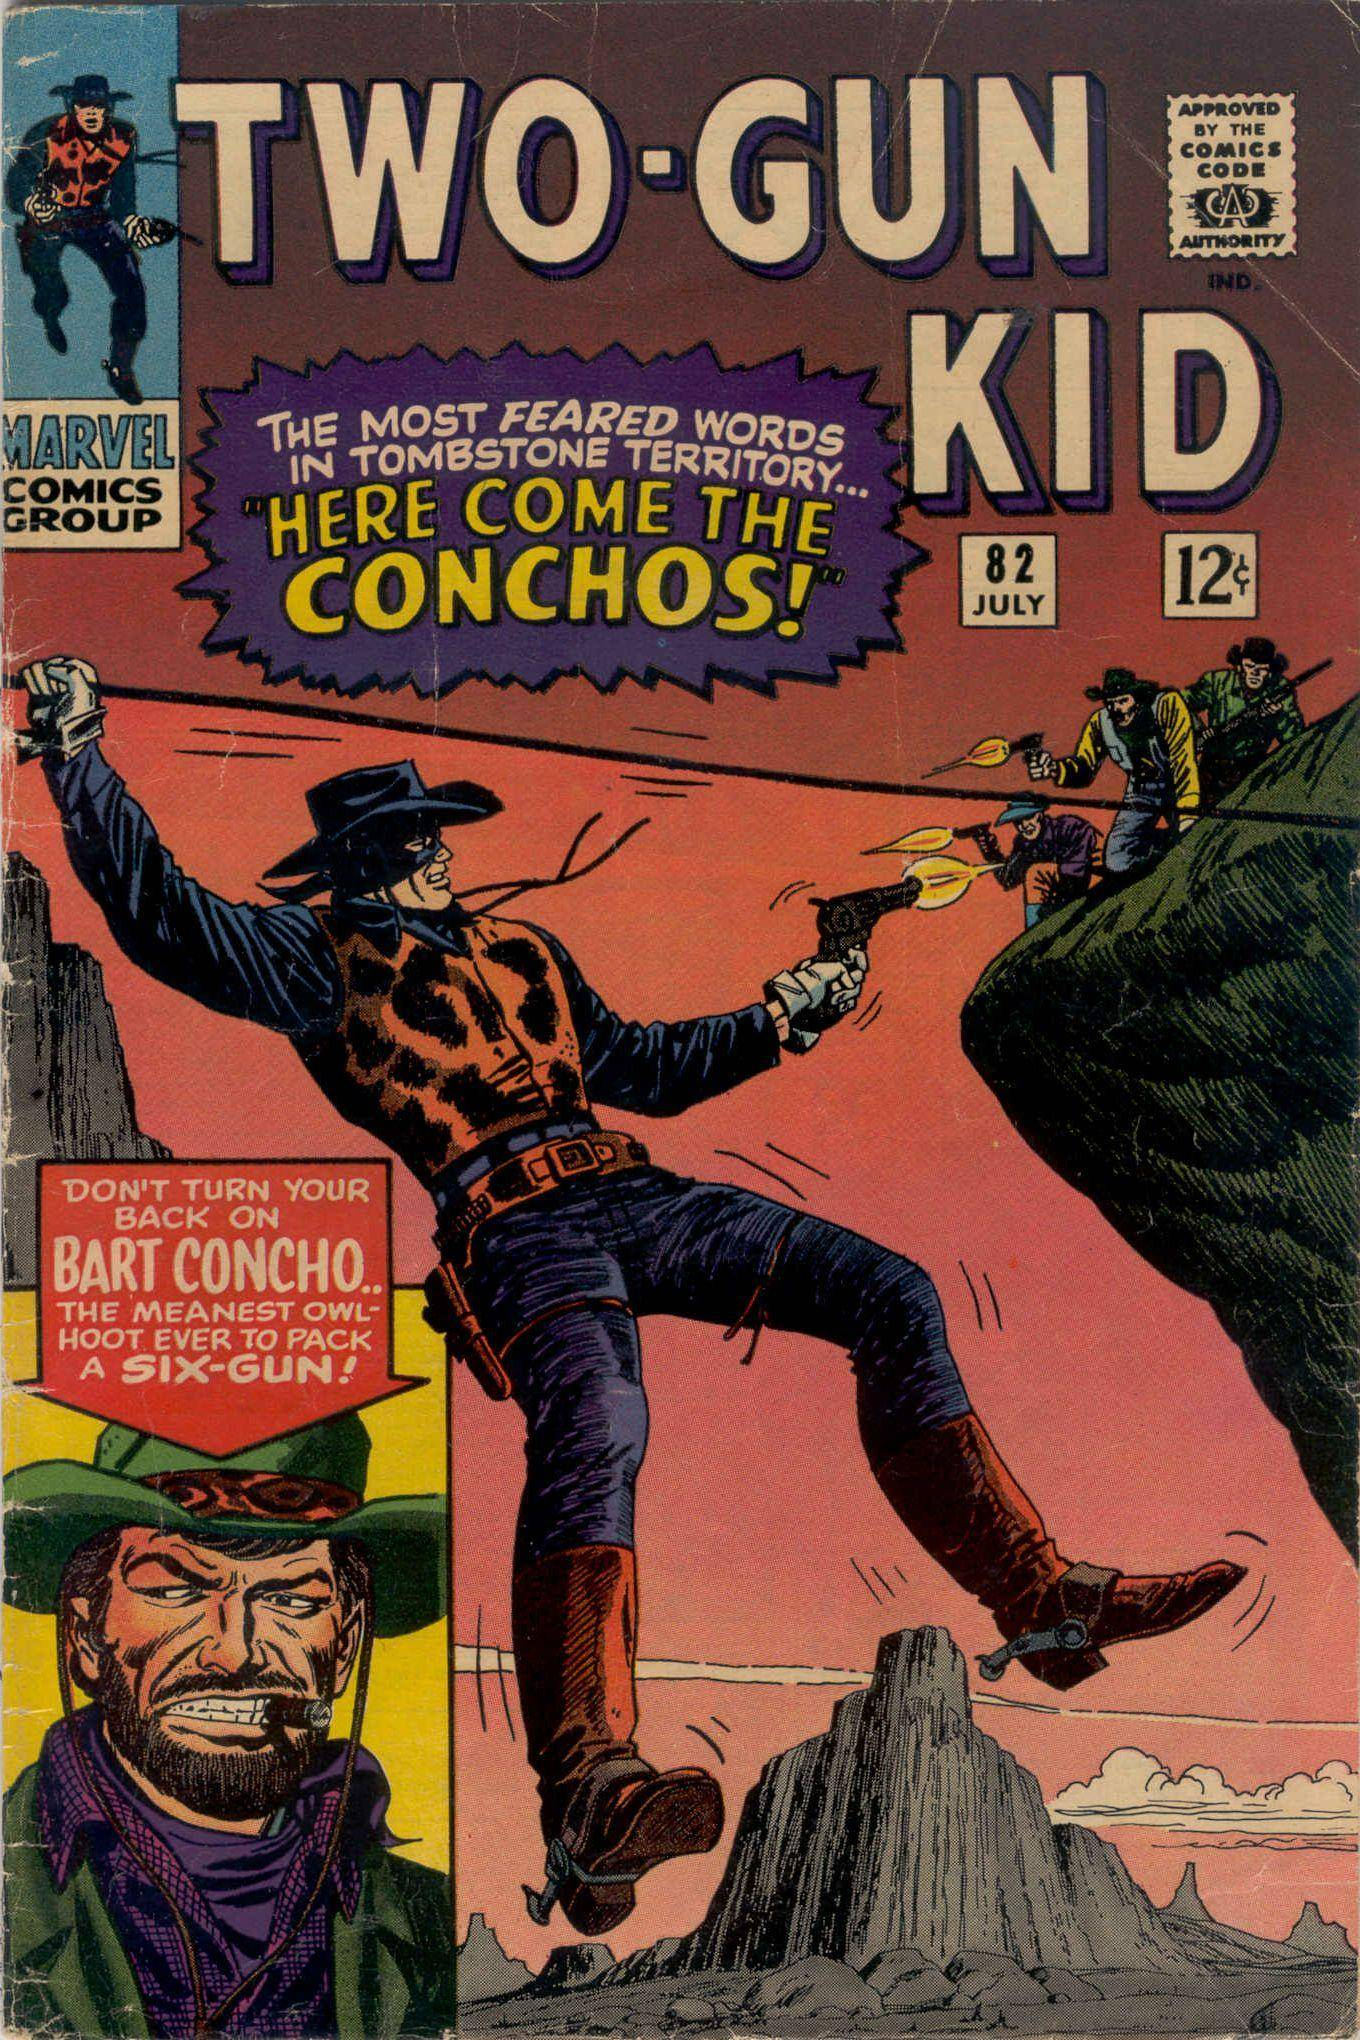 Two-Gun Kid 082